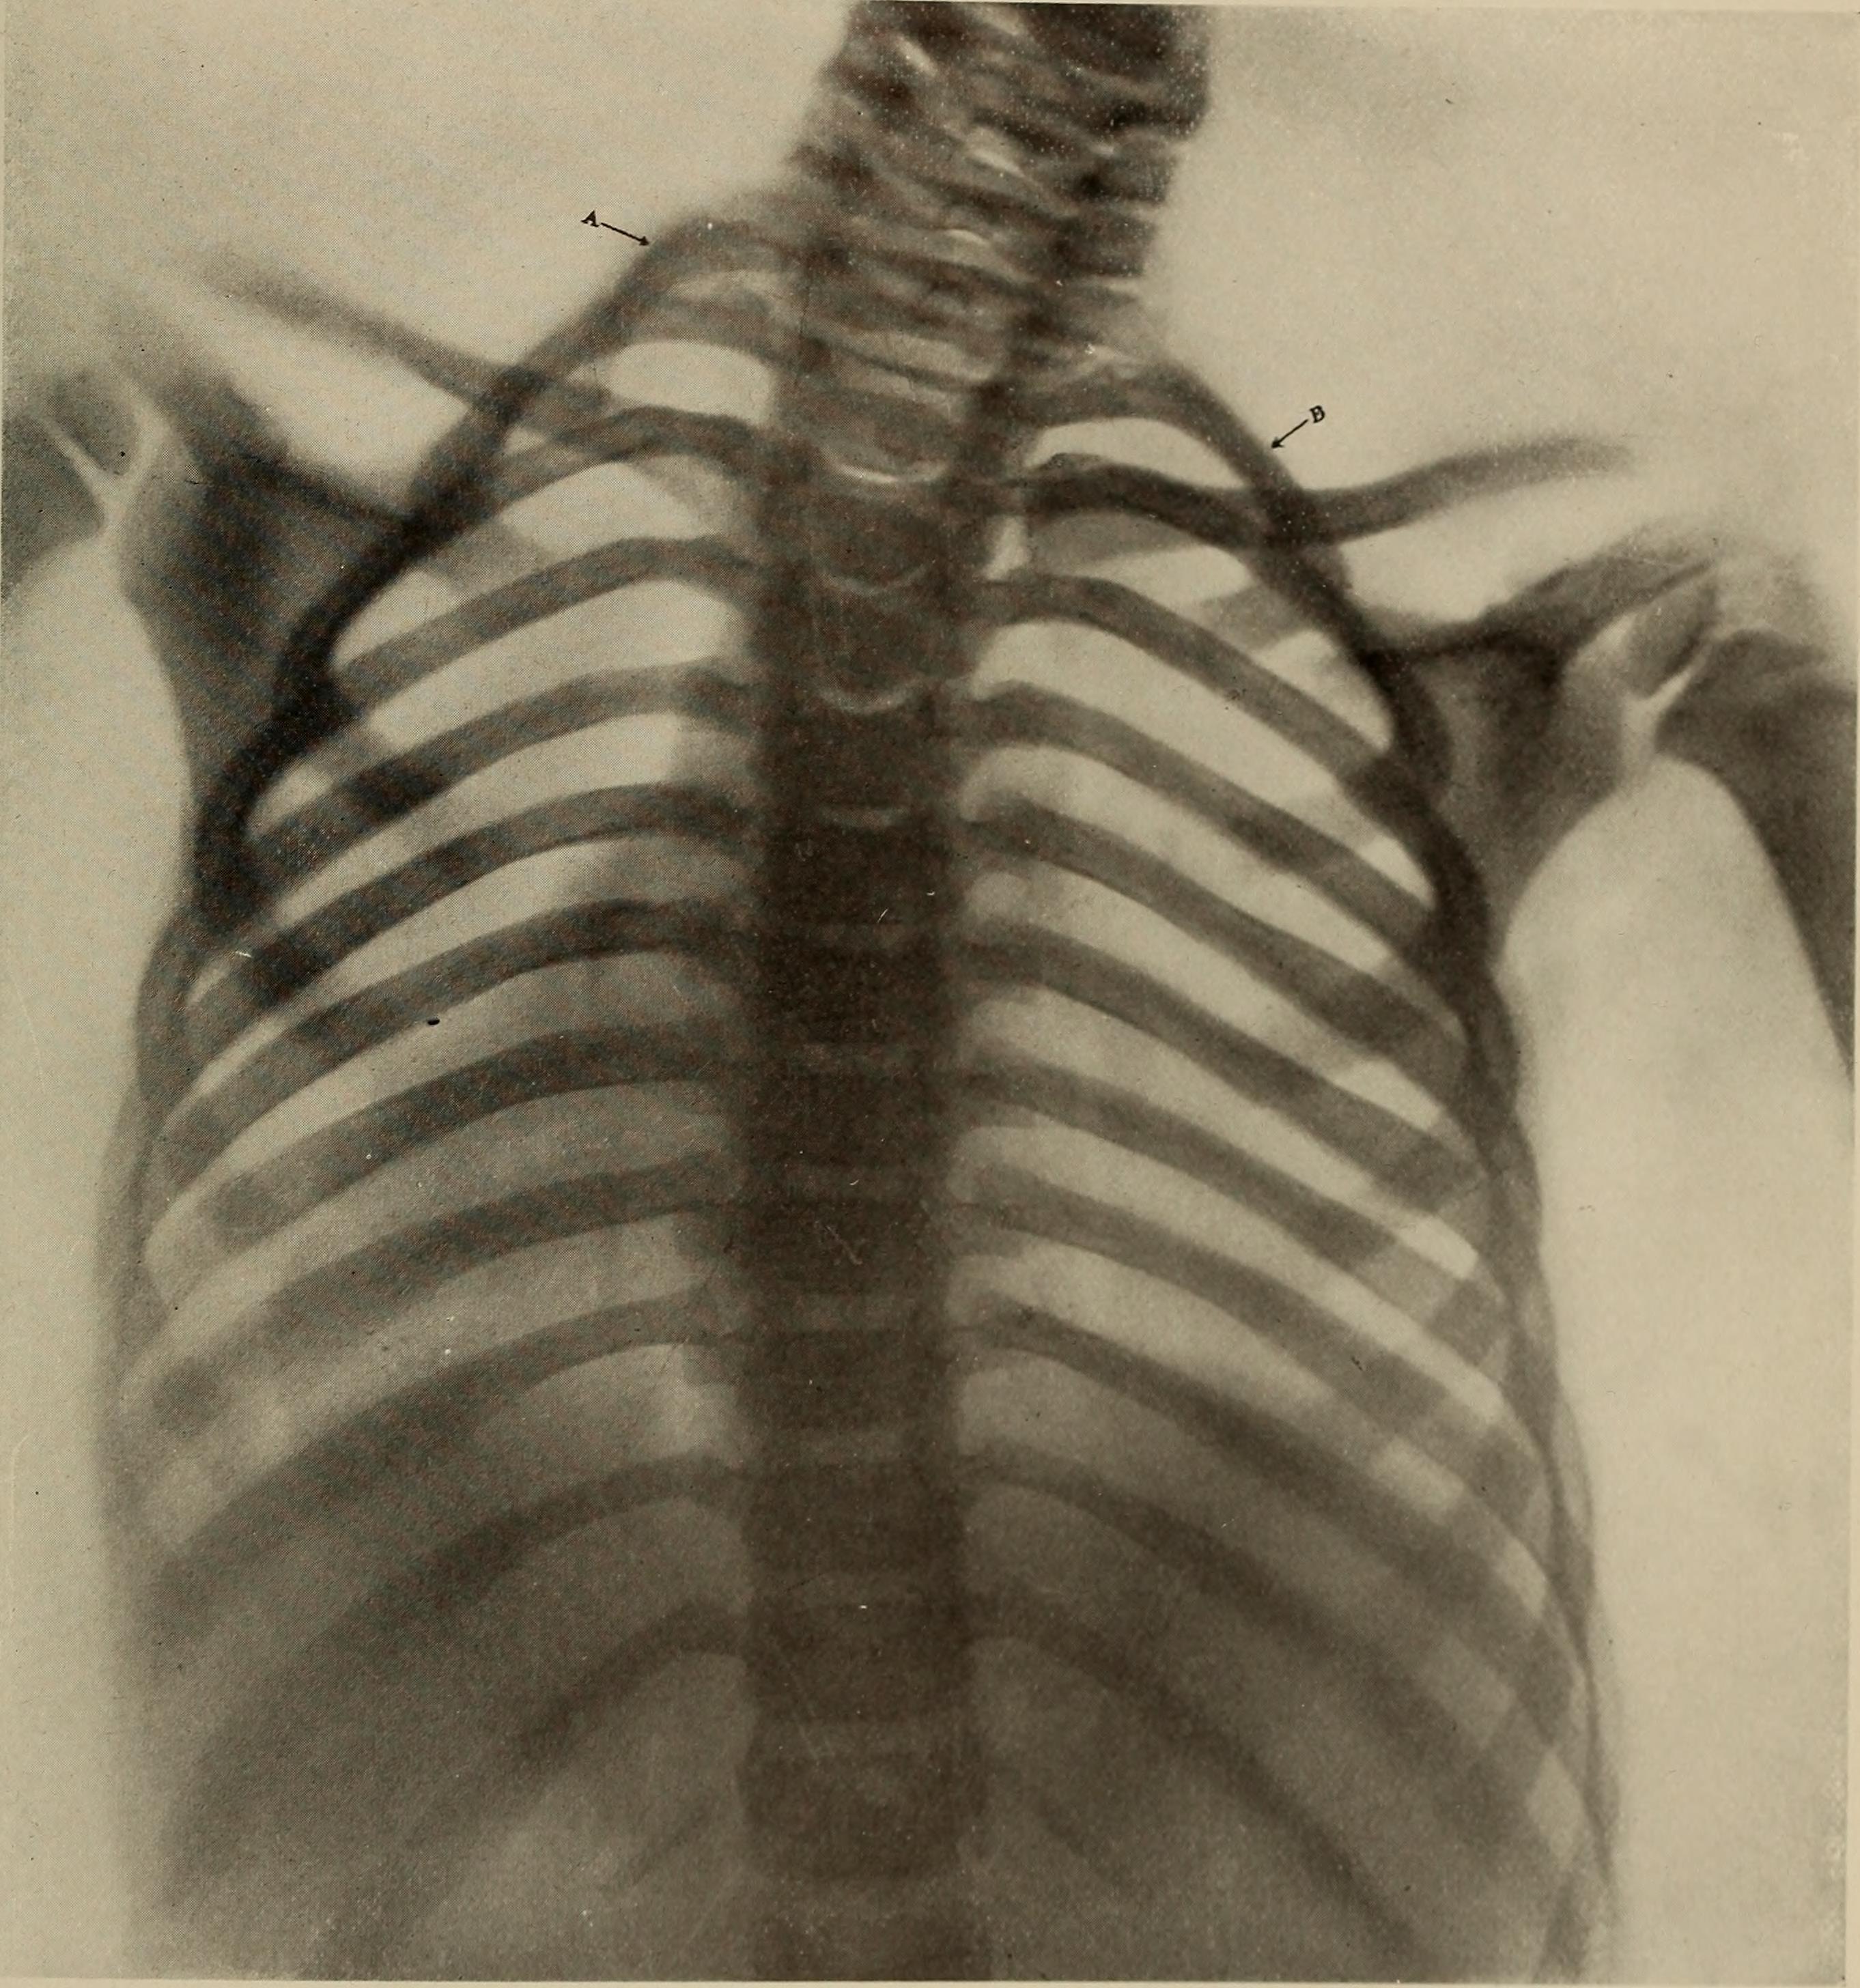 рентген при кривошеи у грудничка